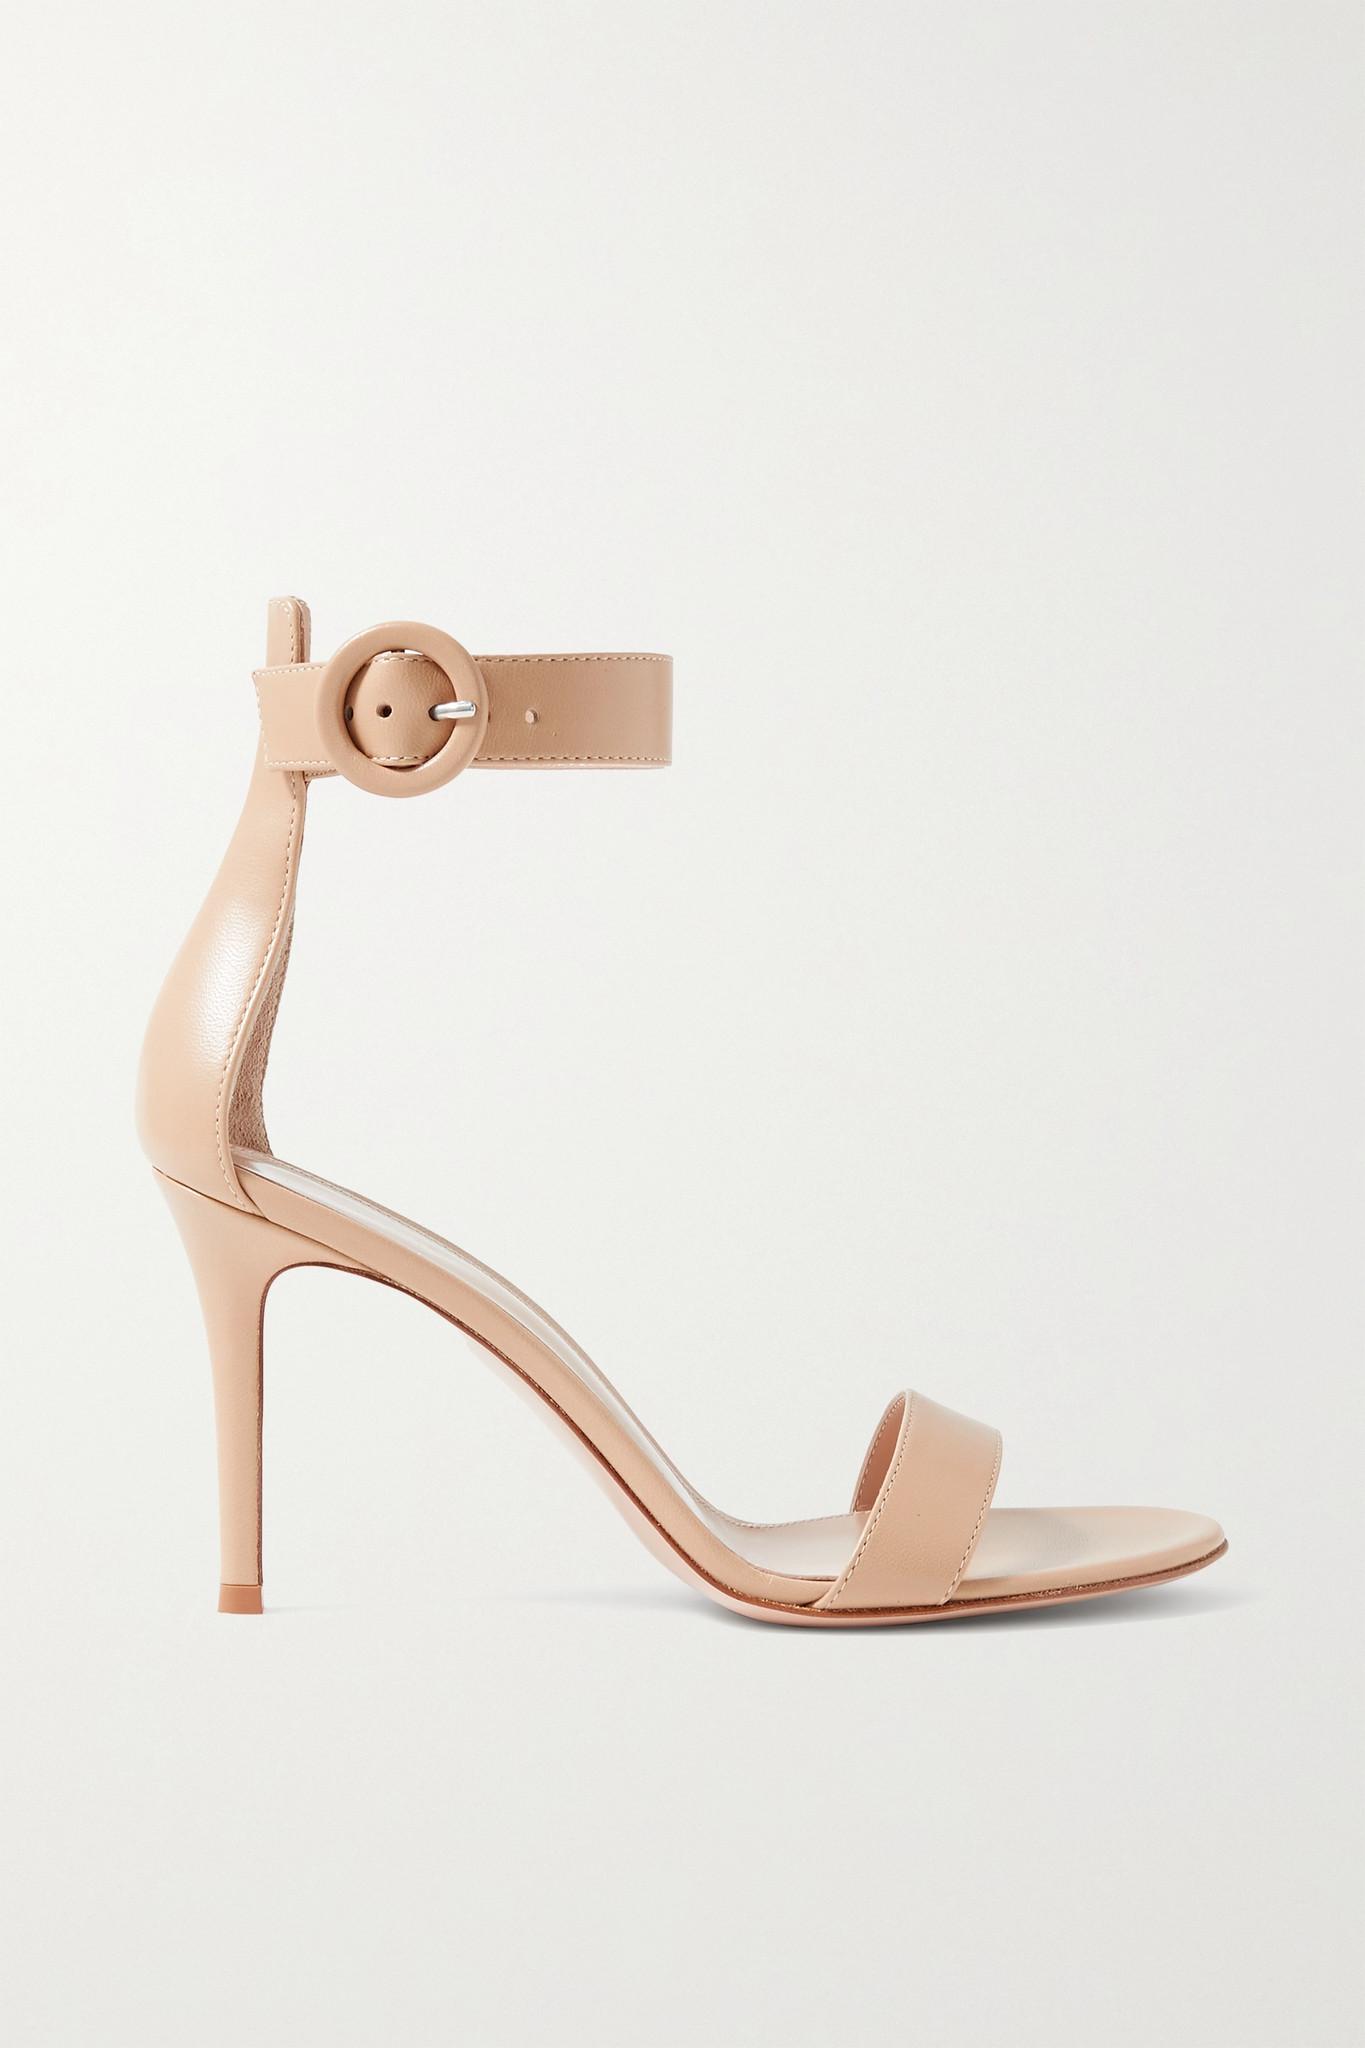 GIANVITO ROSSI - Portofino 85 Leather Sandals - Neutrals - 39.5